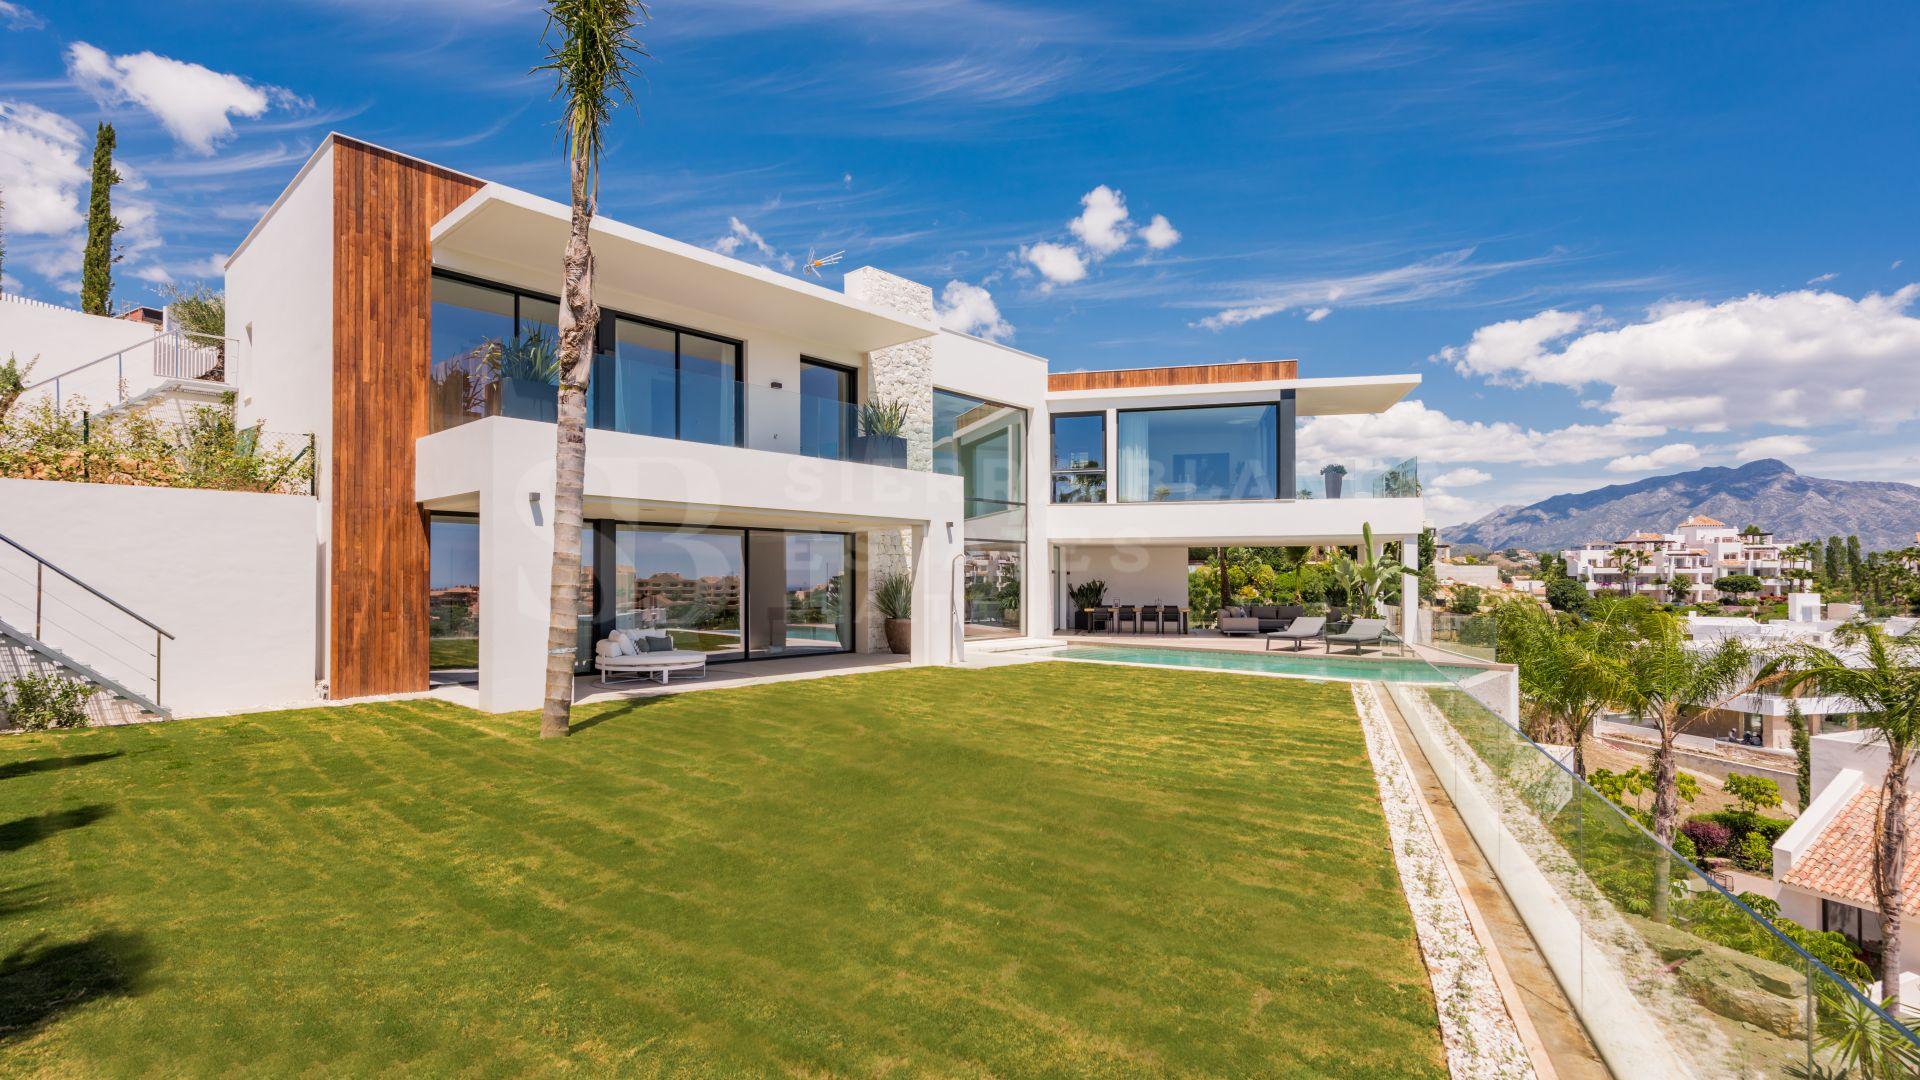 Villa Contemporánea con Vistas Panorámicas al Mar en La Alquería